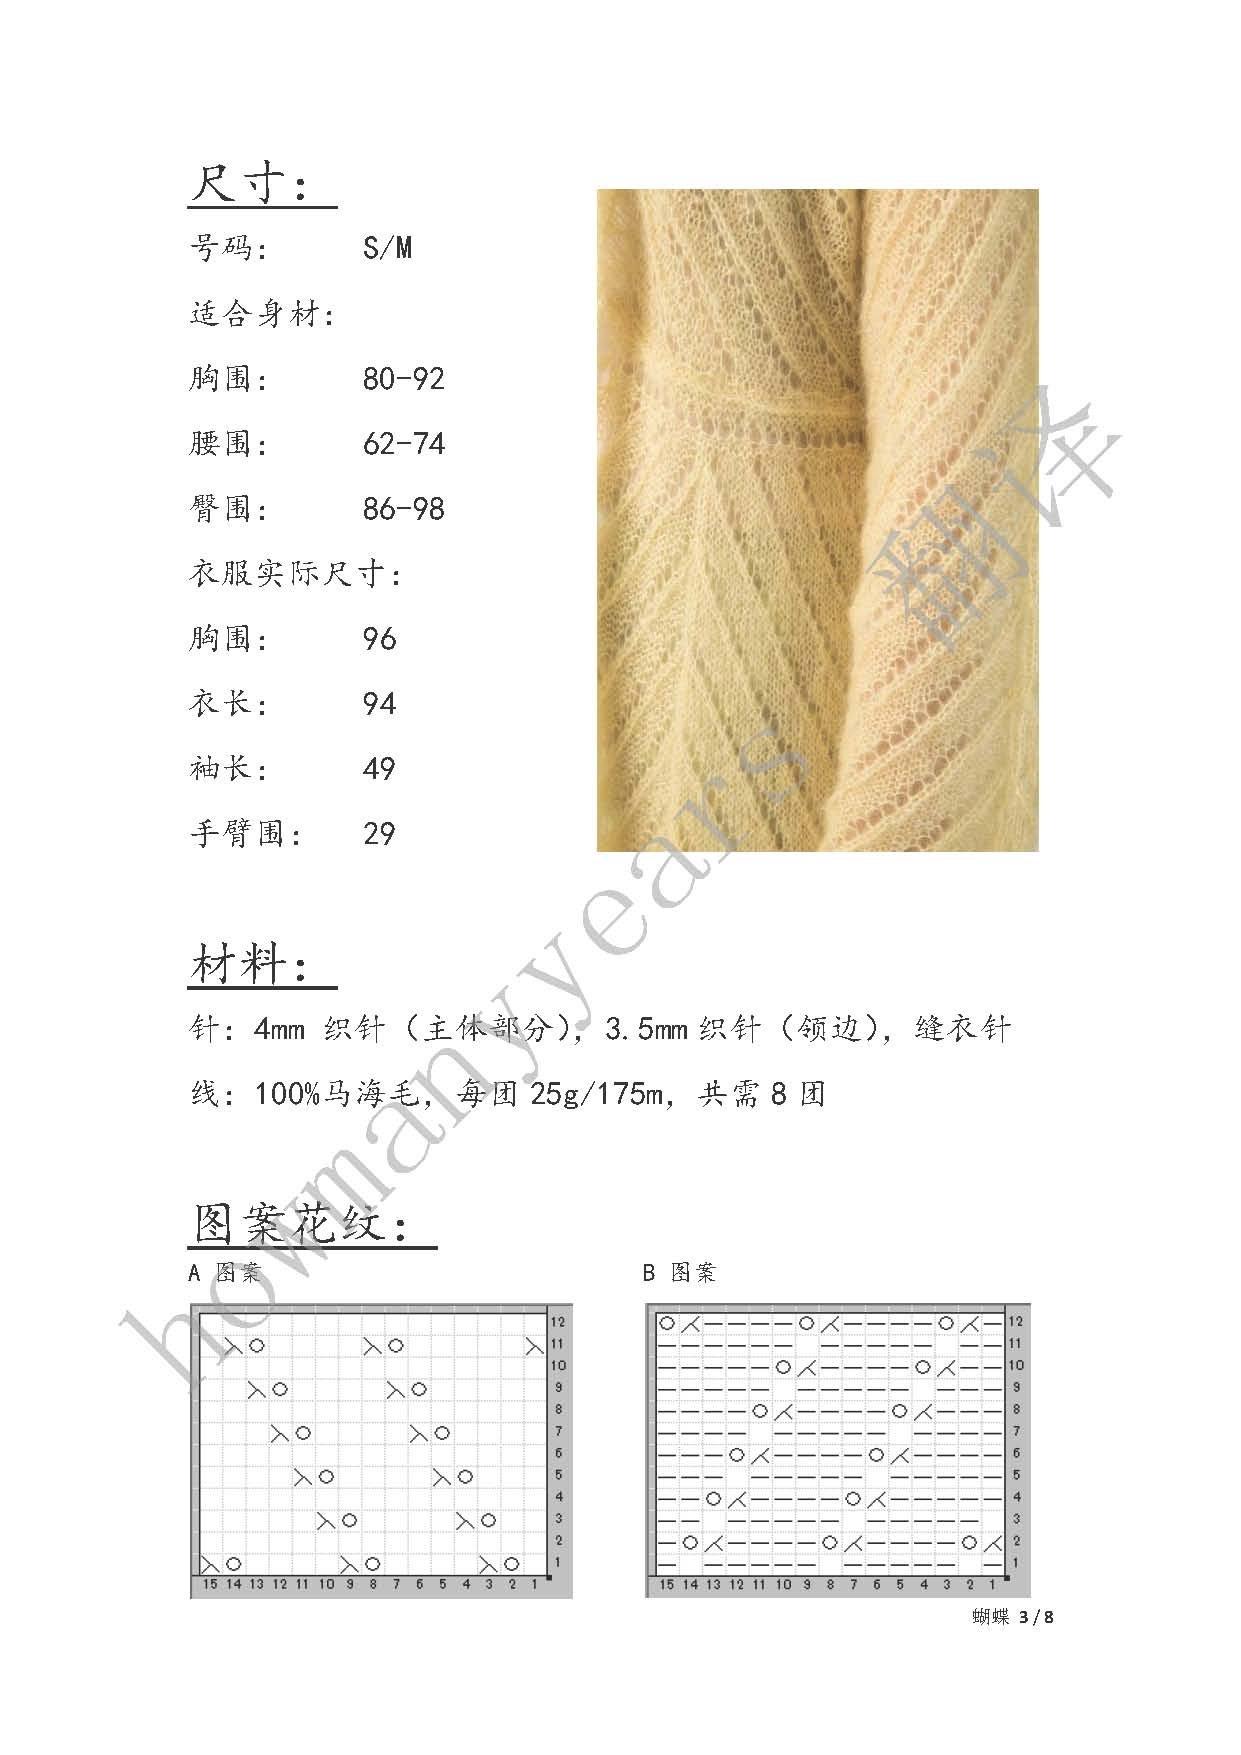 【引用译文】蝴蝶(马毛飘逸长罩衫) - 壹一 - 壹一编织博客